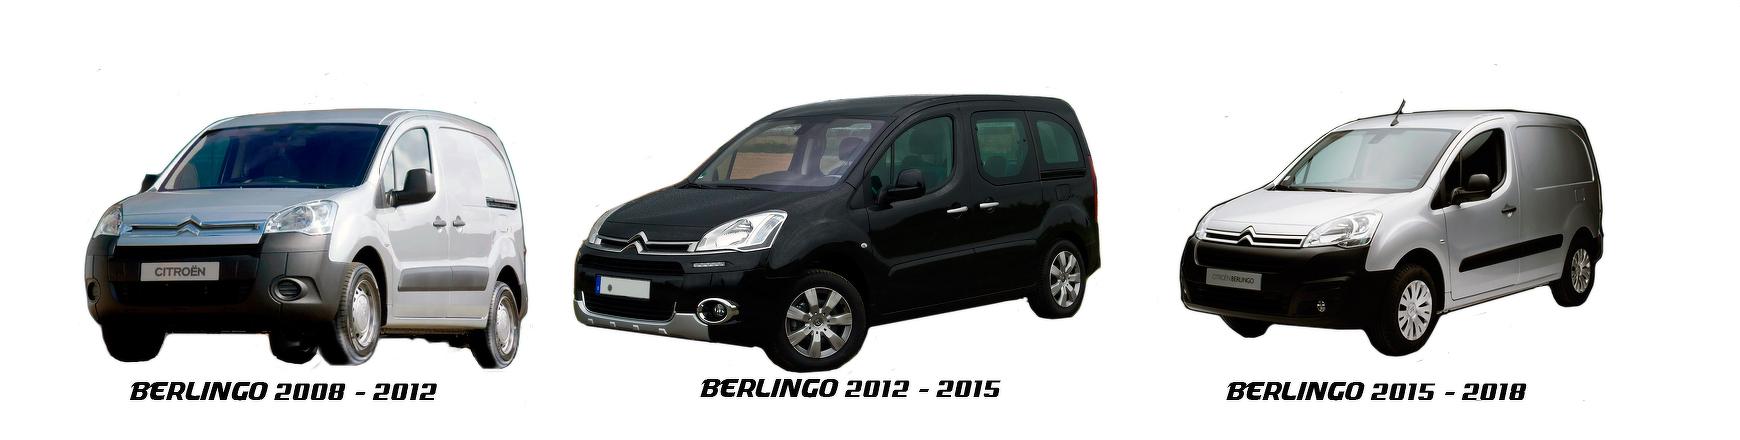 Repuestos de Citroën Berlingo de 2012 a 2015 a precio insuperable